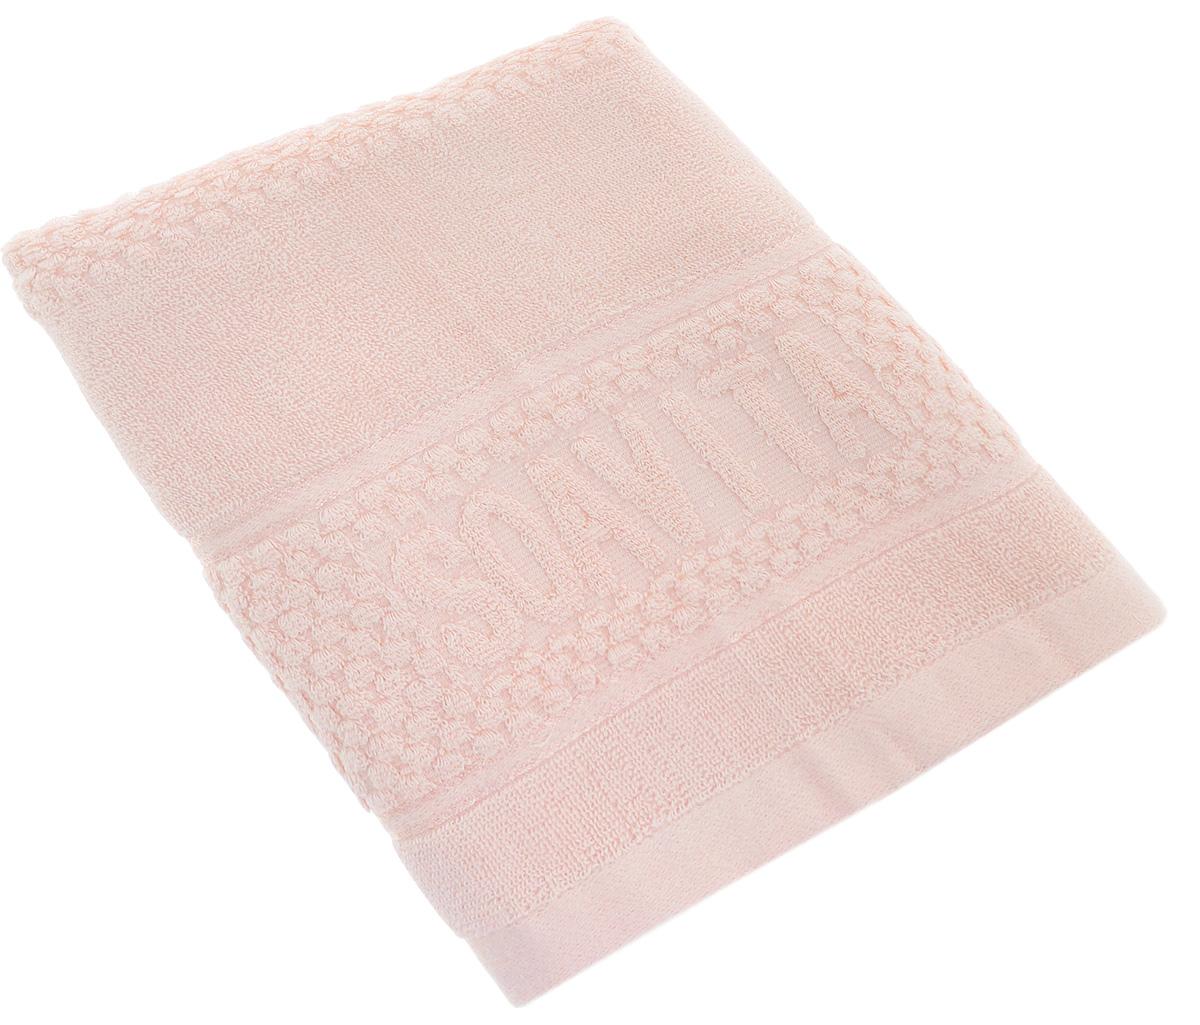 Полотенце Soavita, цвет: розовый, 50 х 100 см